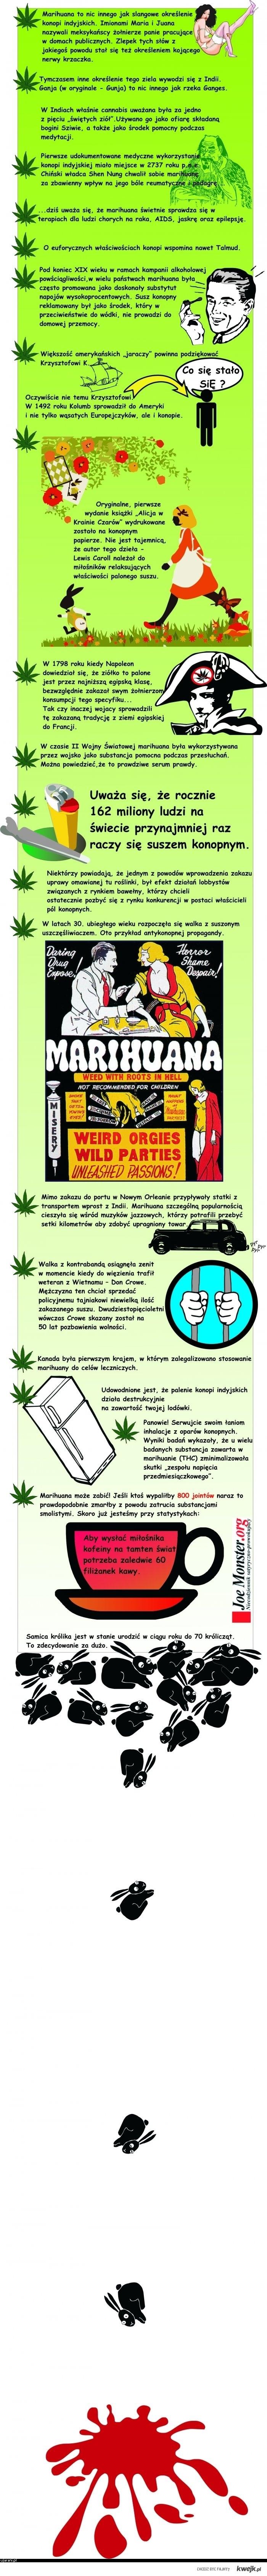 Marihuana11